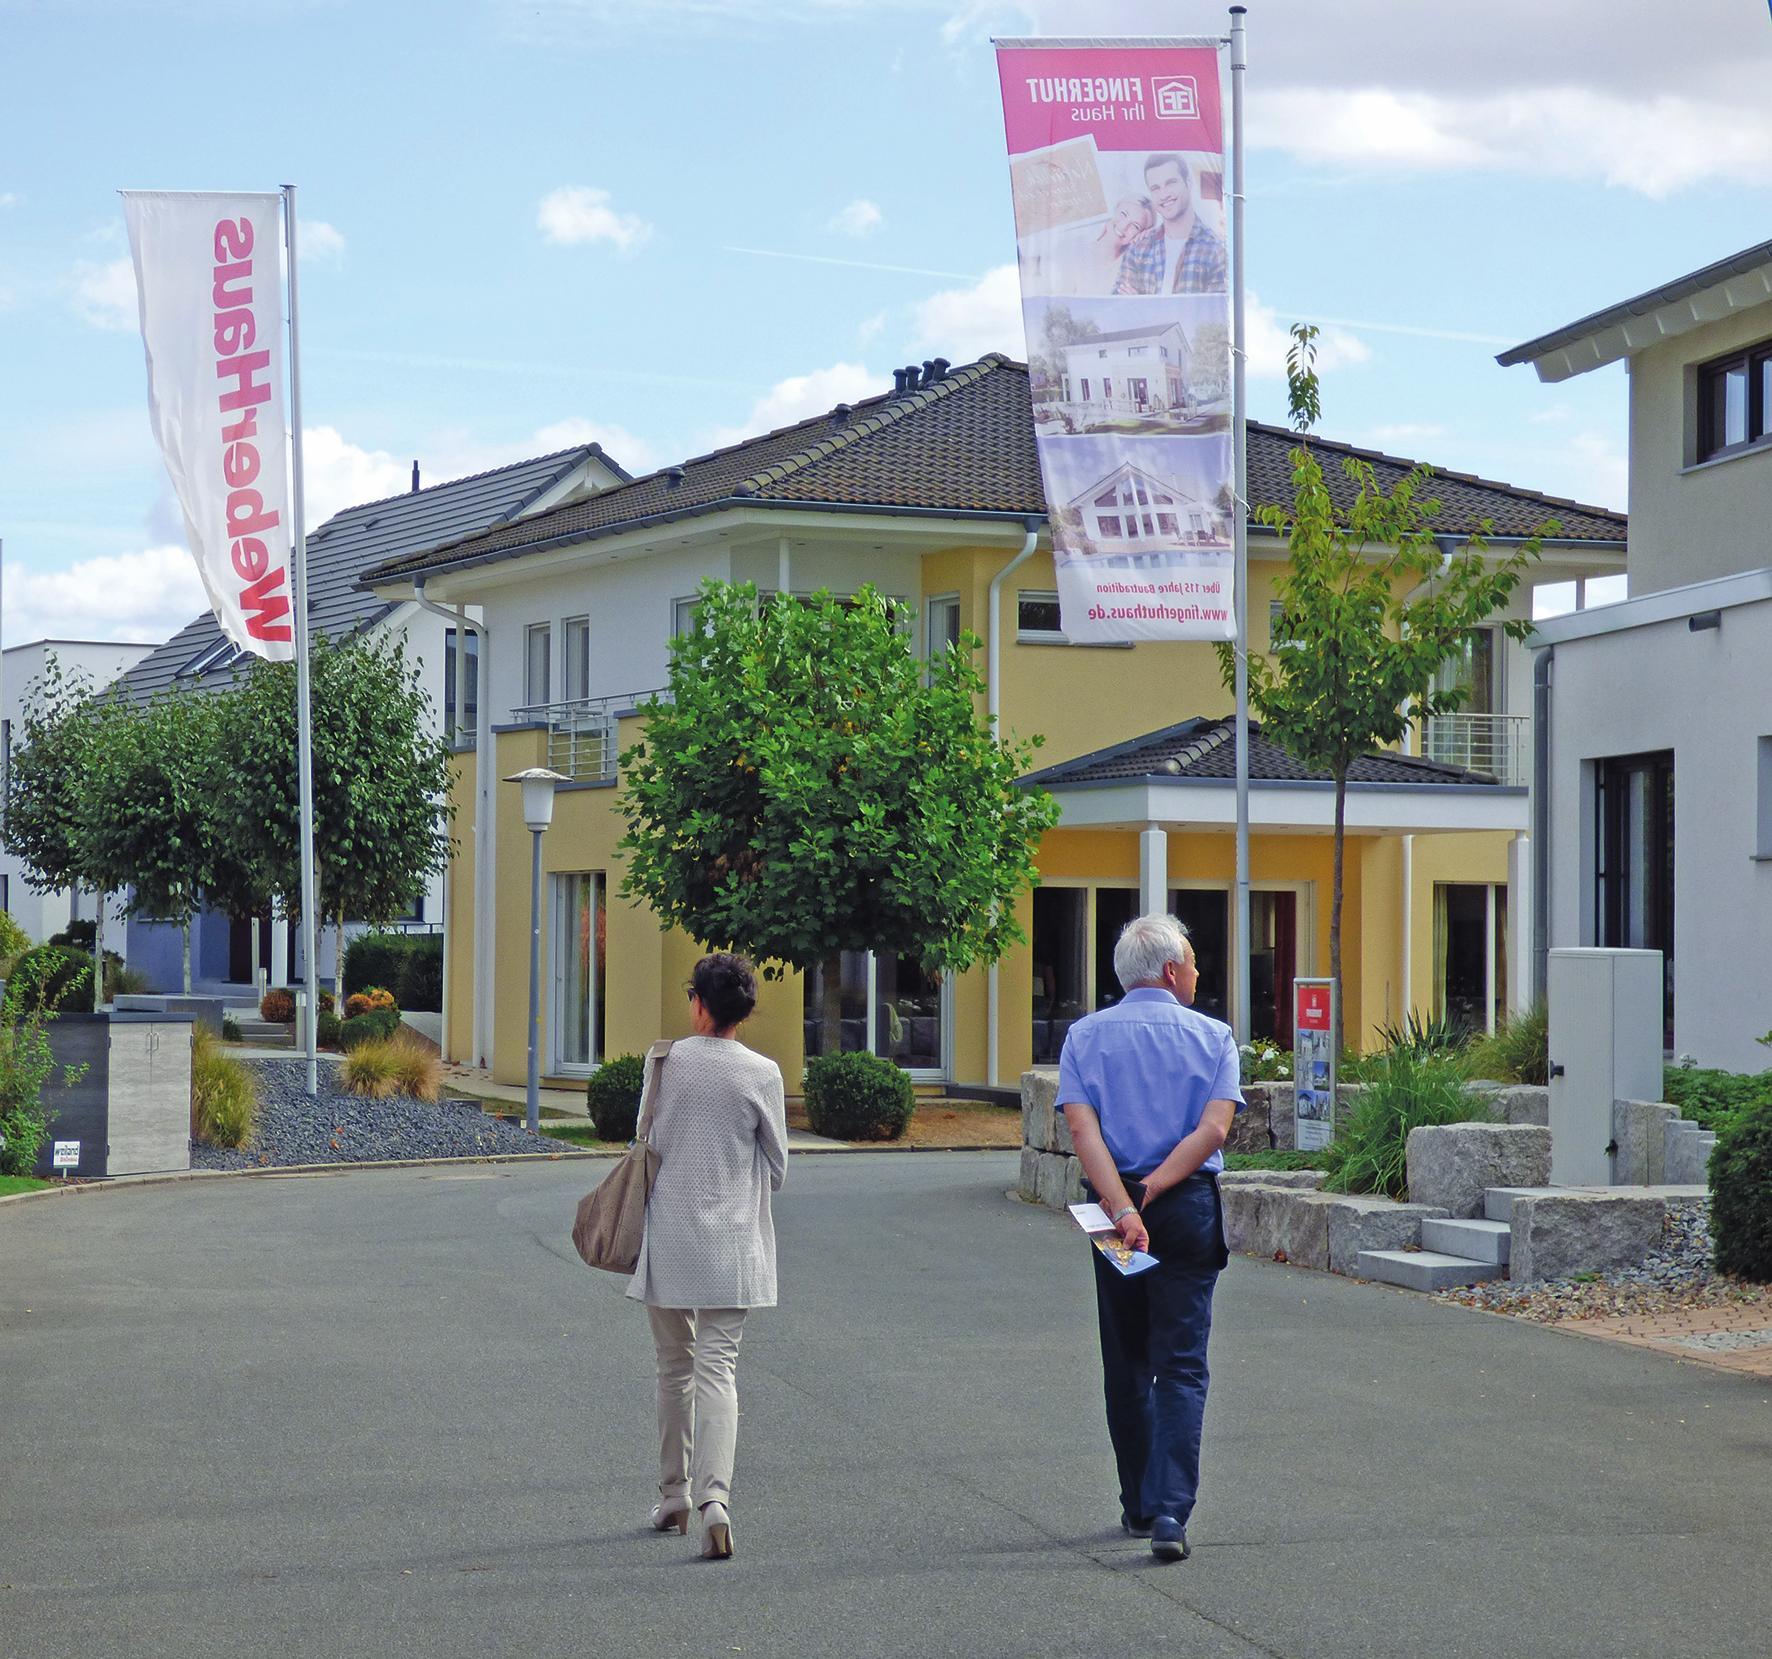 Die Musterhäuser im Fertighaus Center Mannheim zeigen eine große Vielfalt an Größen und Baustilen. FOTO: FREI